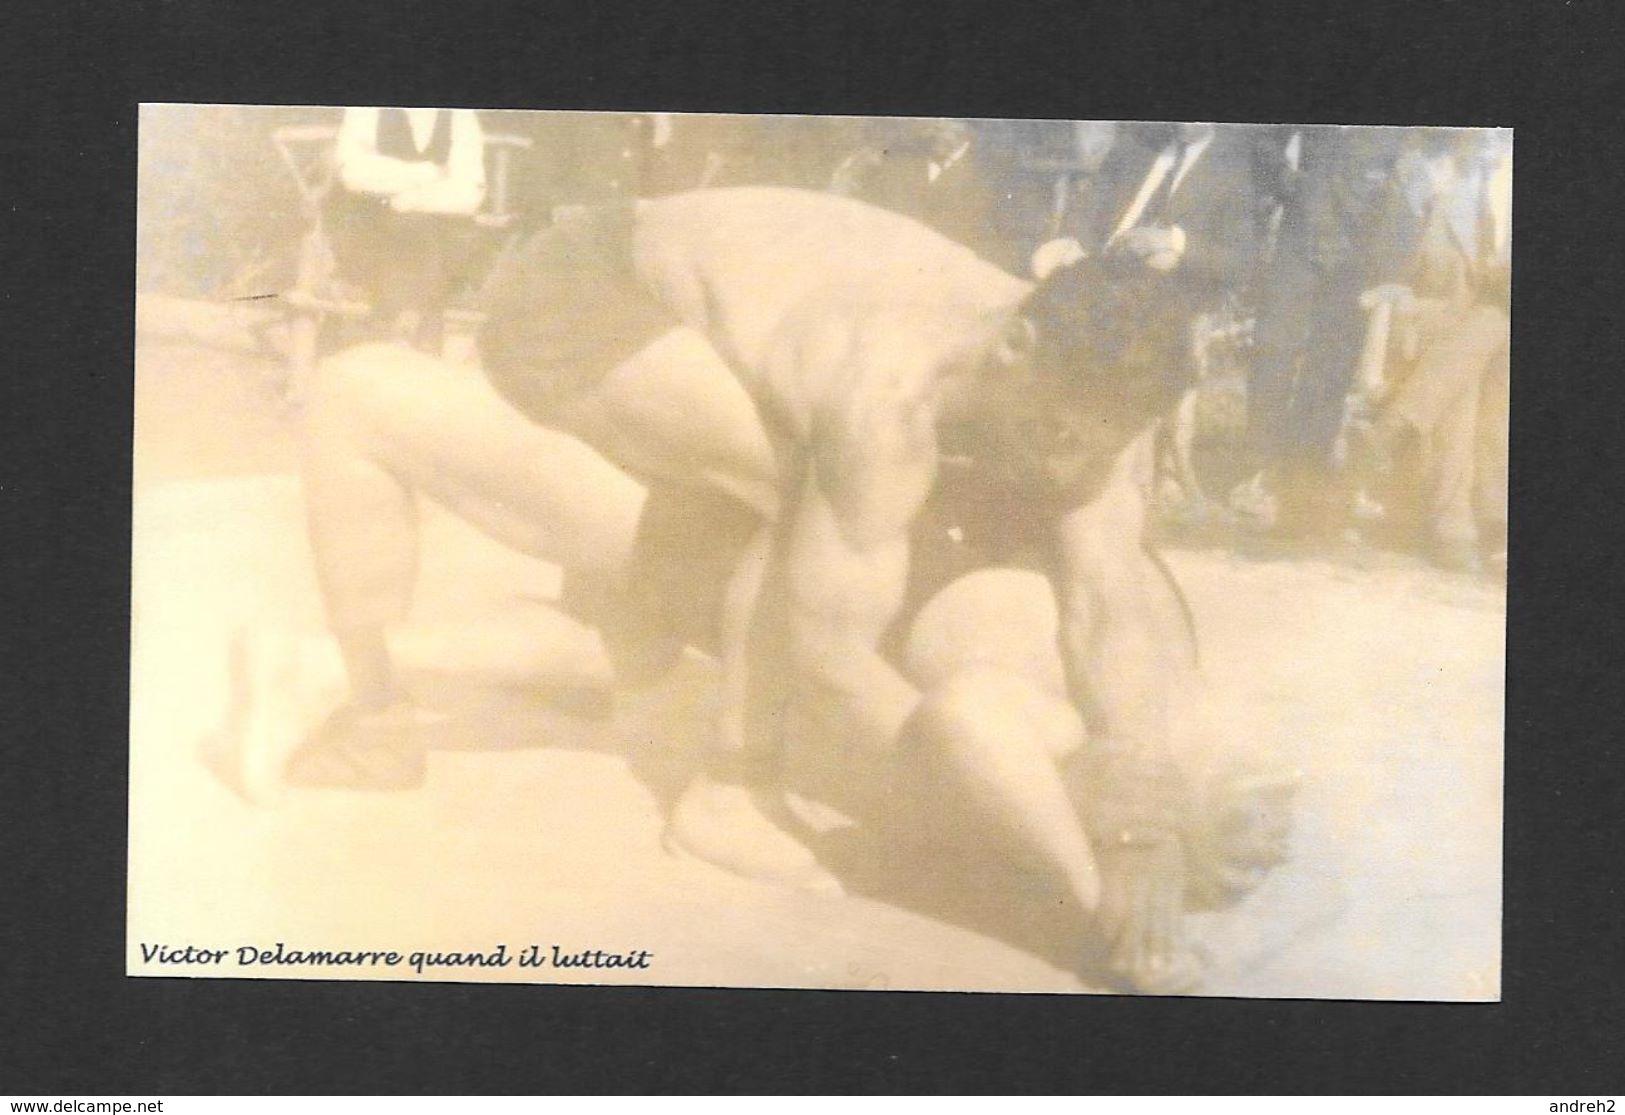 SPORTS - HALTÉROPHILIE - VICTOR DELAMARRE (1888 - 1955) - LUTTEUR - SPECTACLES DE TOURS DE FORCE - Haltérophilie